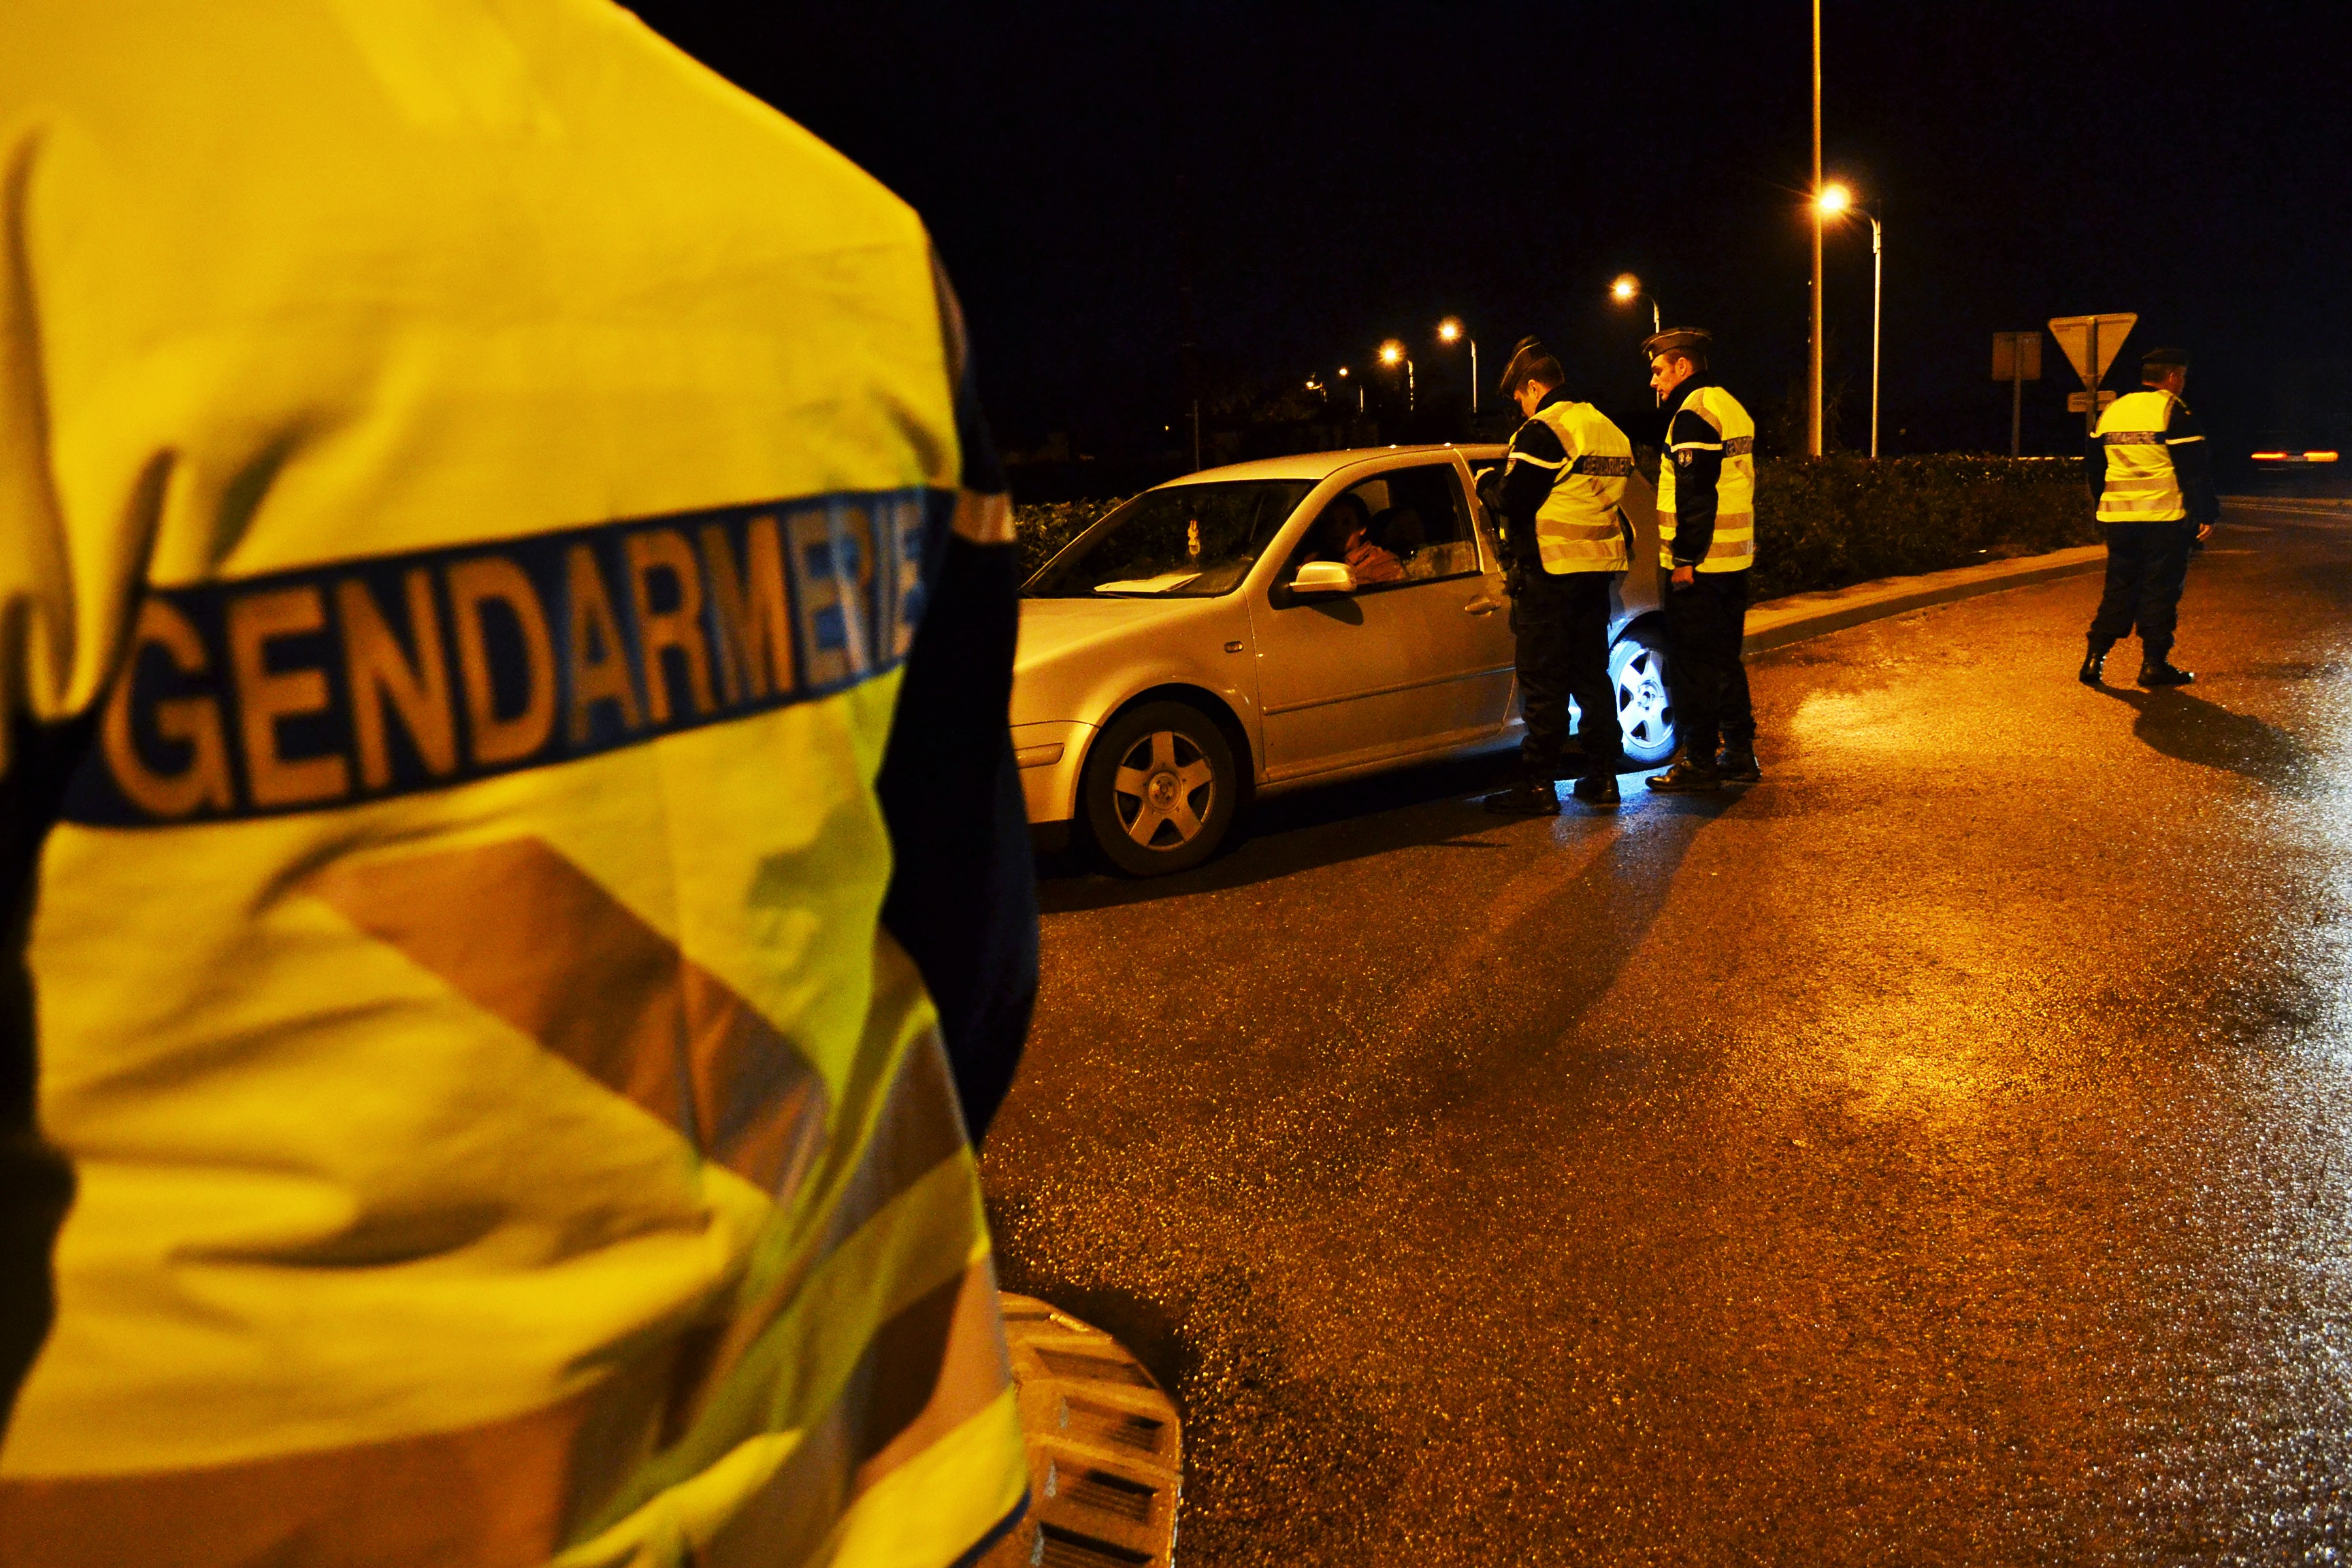 Les recherches entreprises par la gendarmerie n'ont pas permis de retrouver les individus (Illustration)